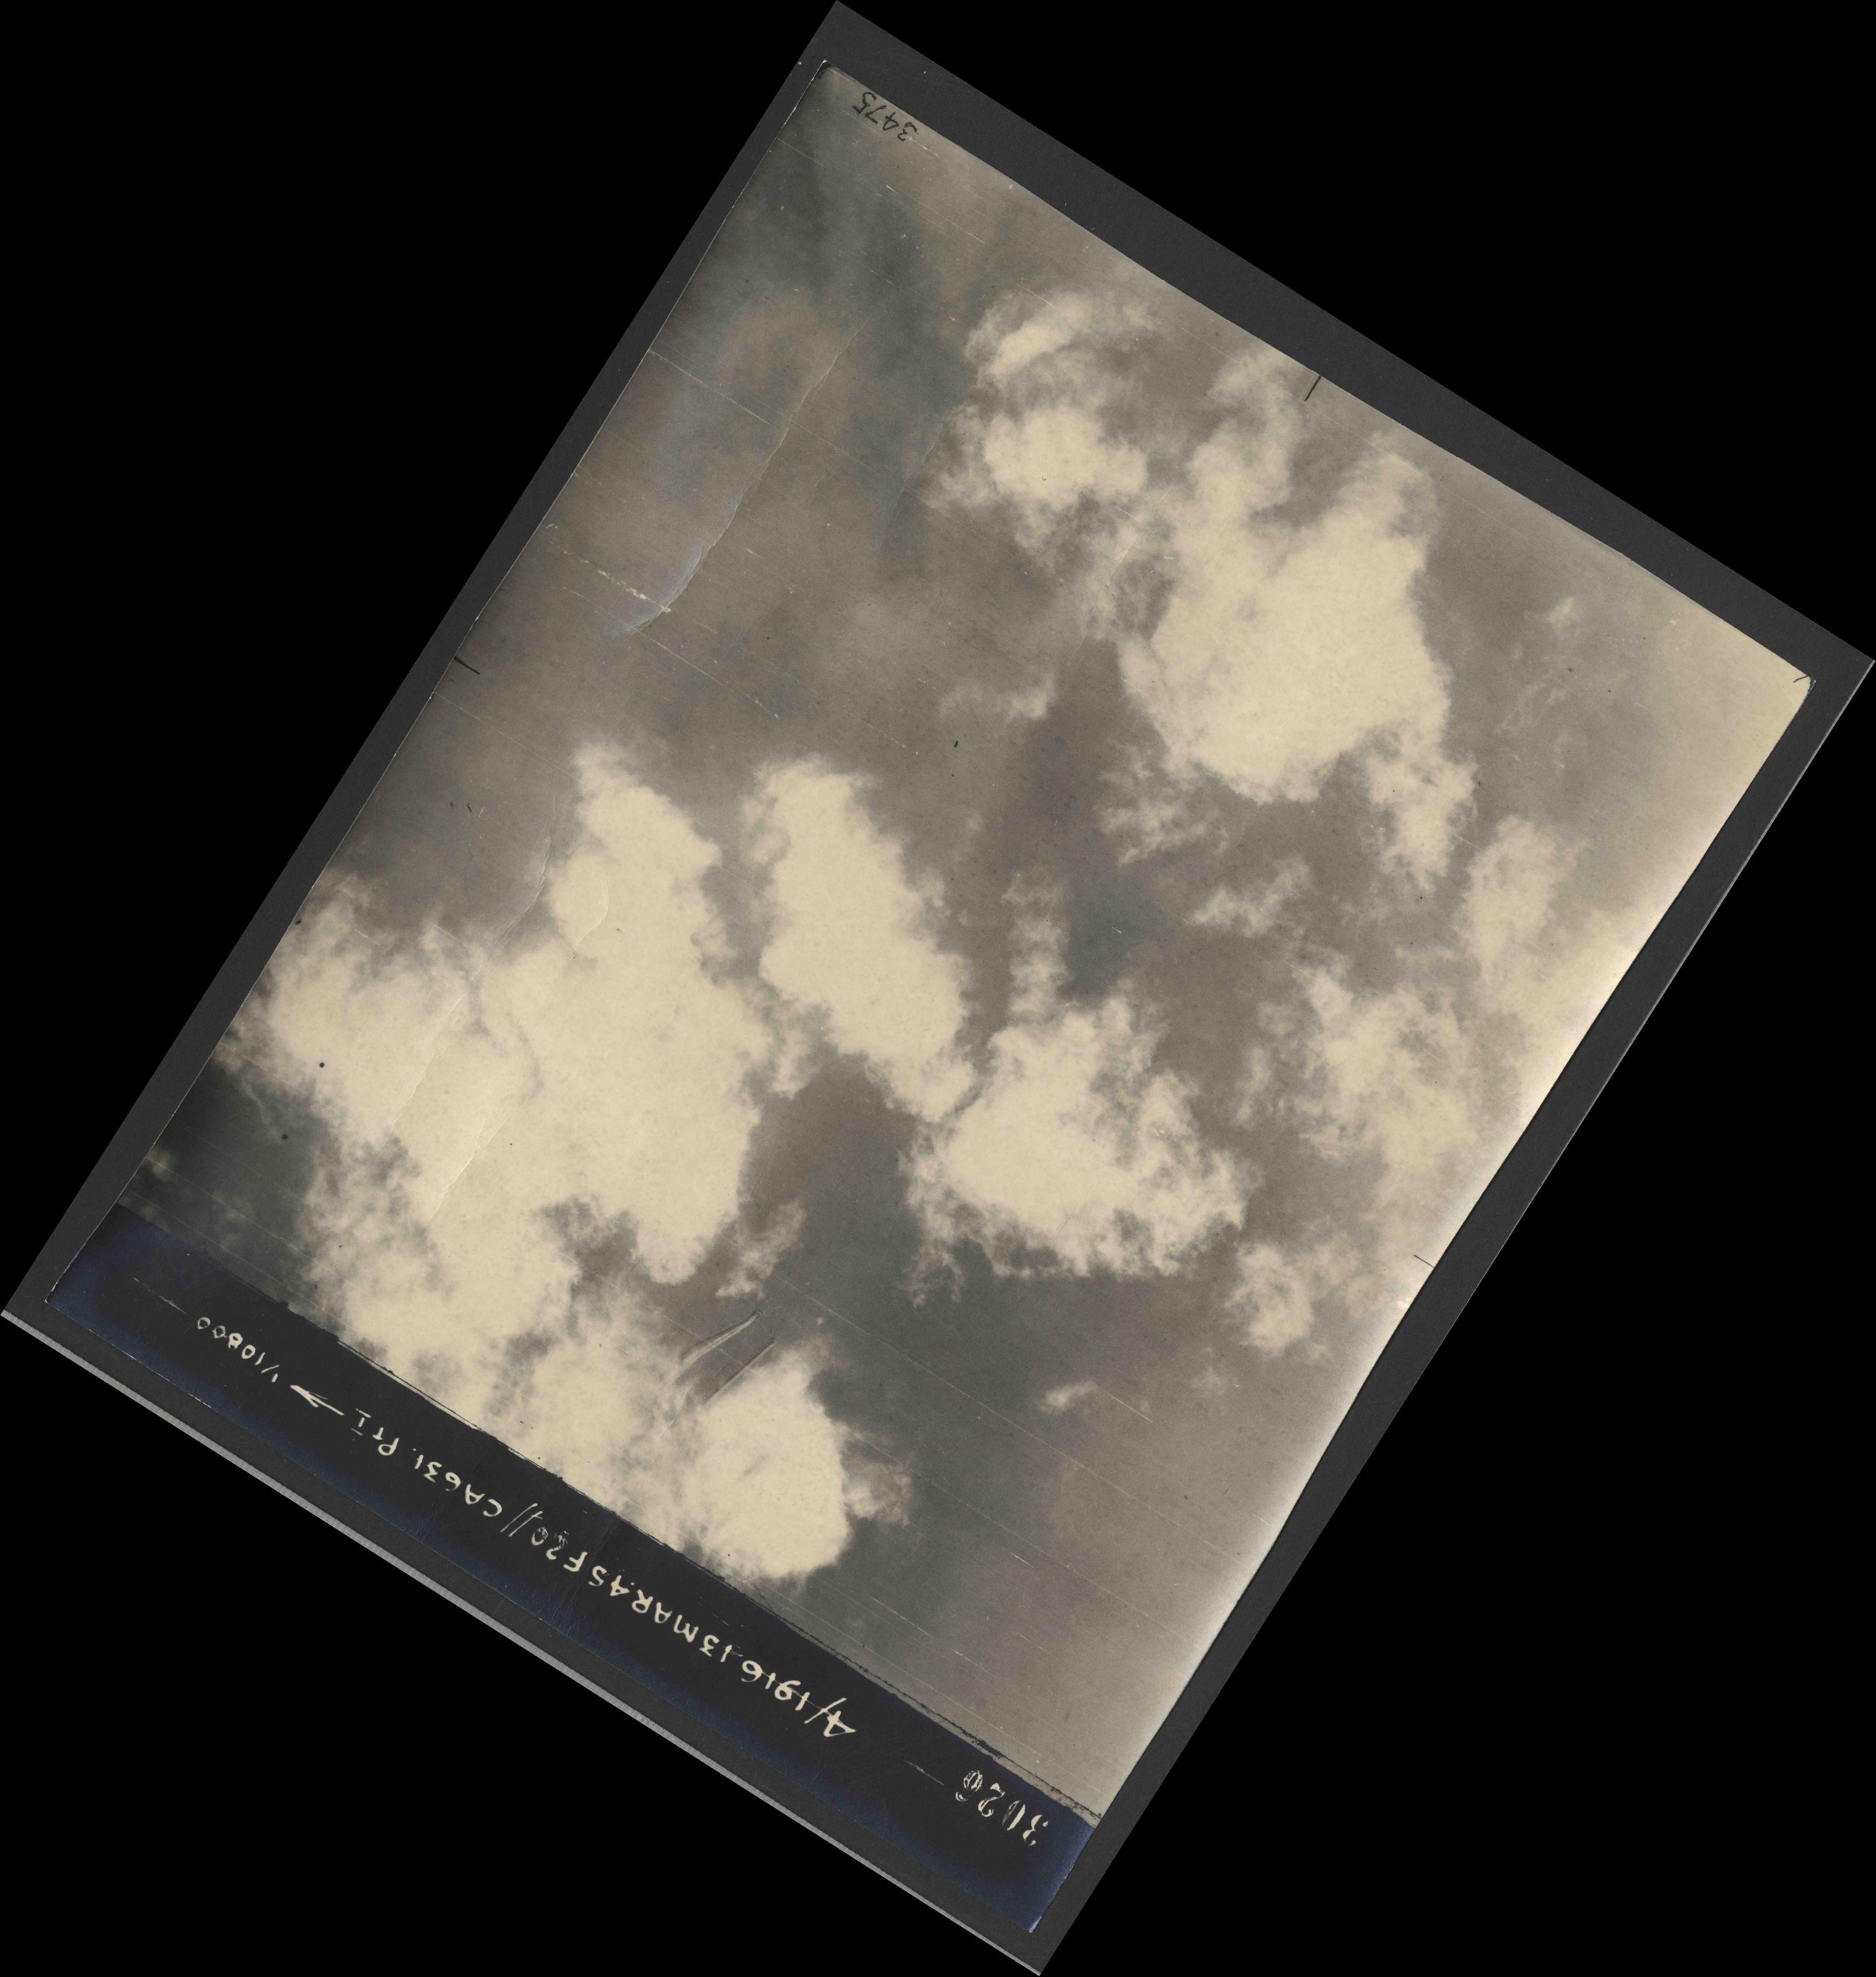 Collection RAF aerial photos 1940-1945 - flight 085, run 06, photo 3026